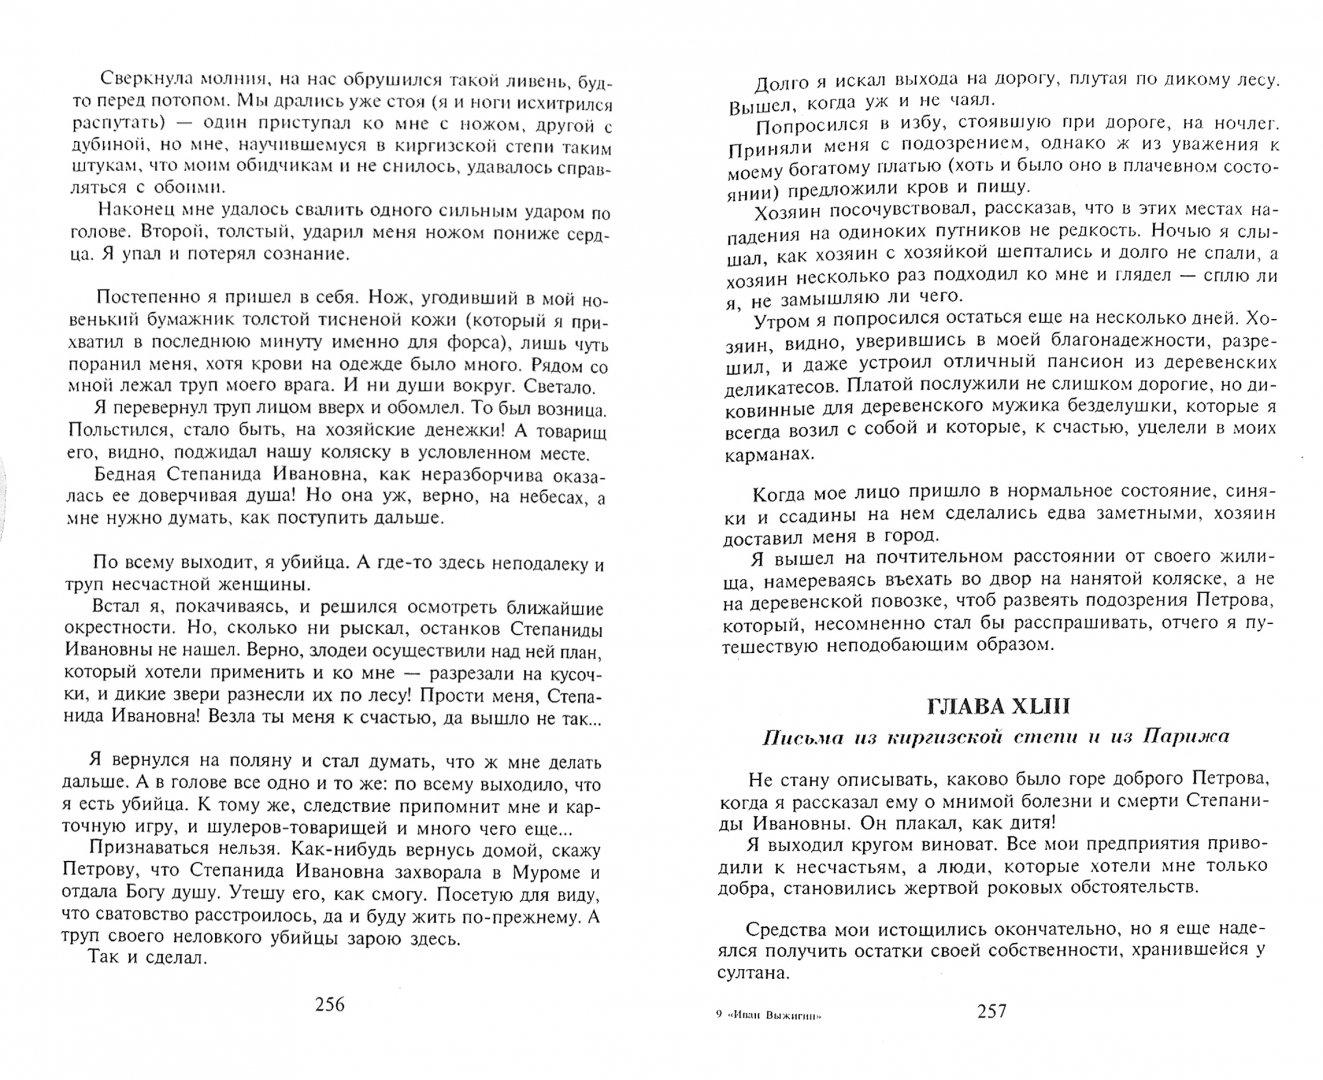 Иллюстрация 1 из 9 для Иван Выжигин - Фаддей Булгарин | Лабиринт - книги. Источник: Лабиринт